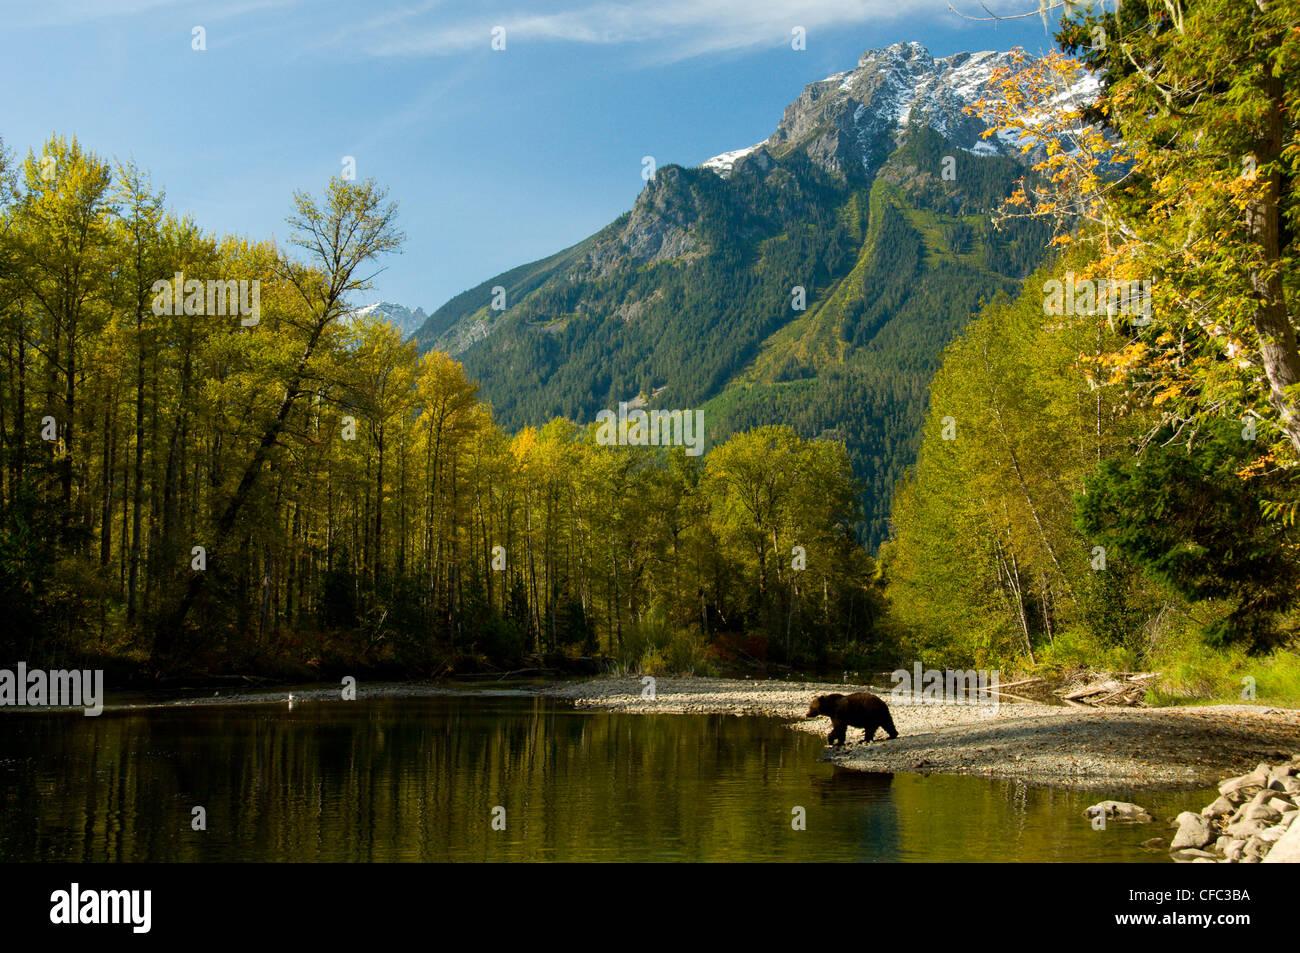 Grizzly Bear Ursus horribilis walks shores - Stock Image